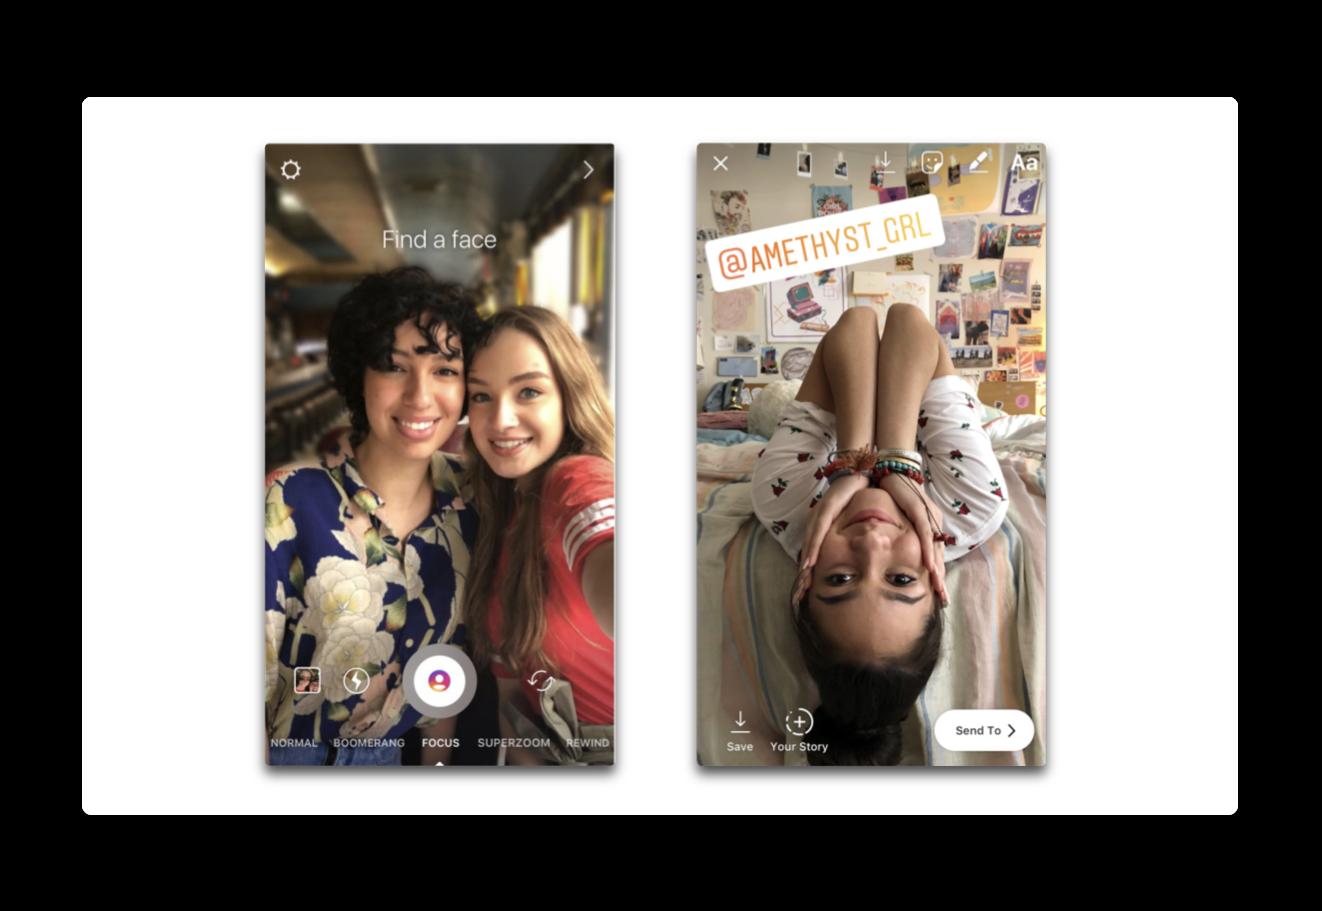 Instagram、ポートレートモードの写真にiPhoneのフォーカスモードに似た新しい「フォーカス」機能を追加